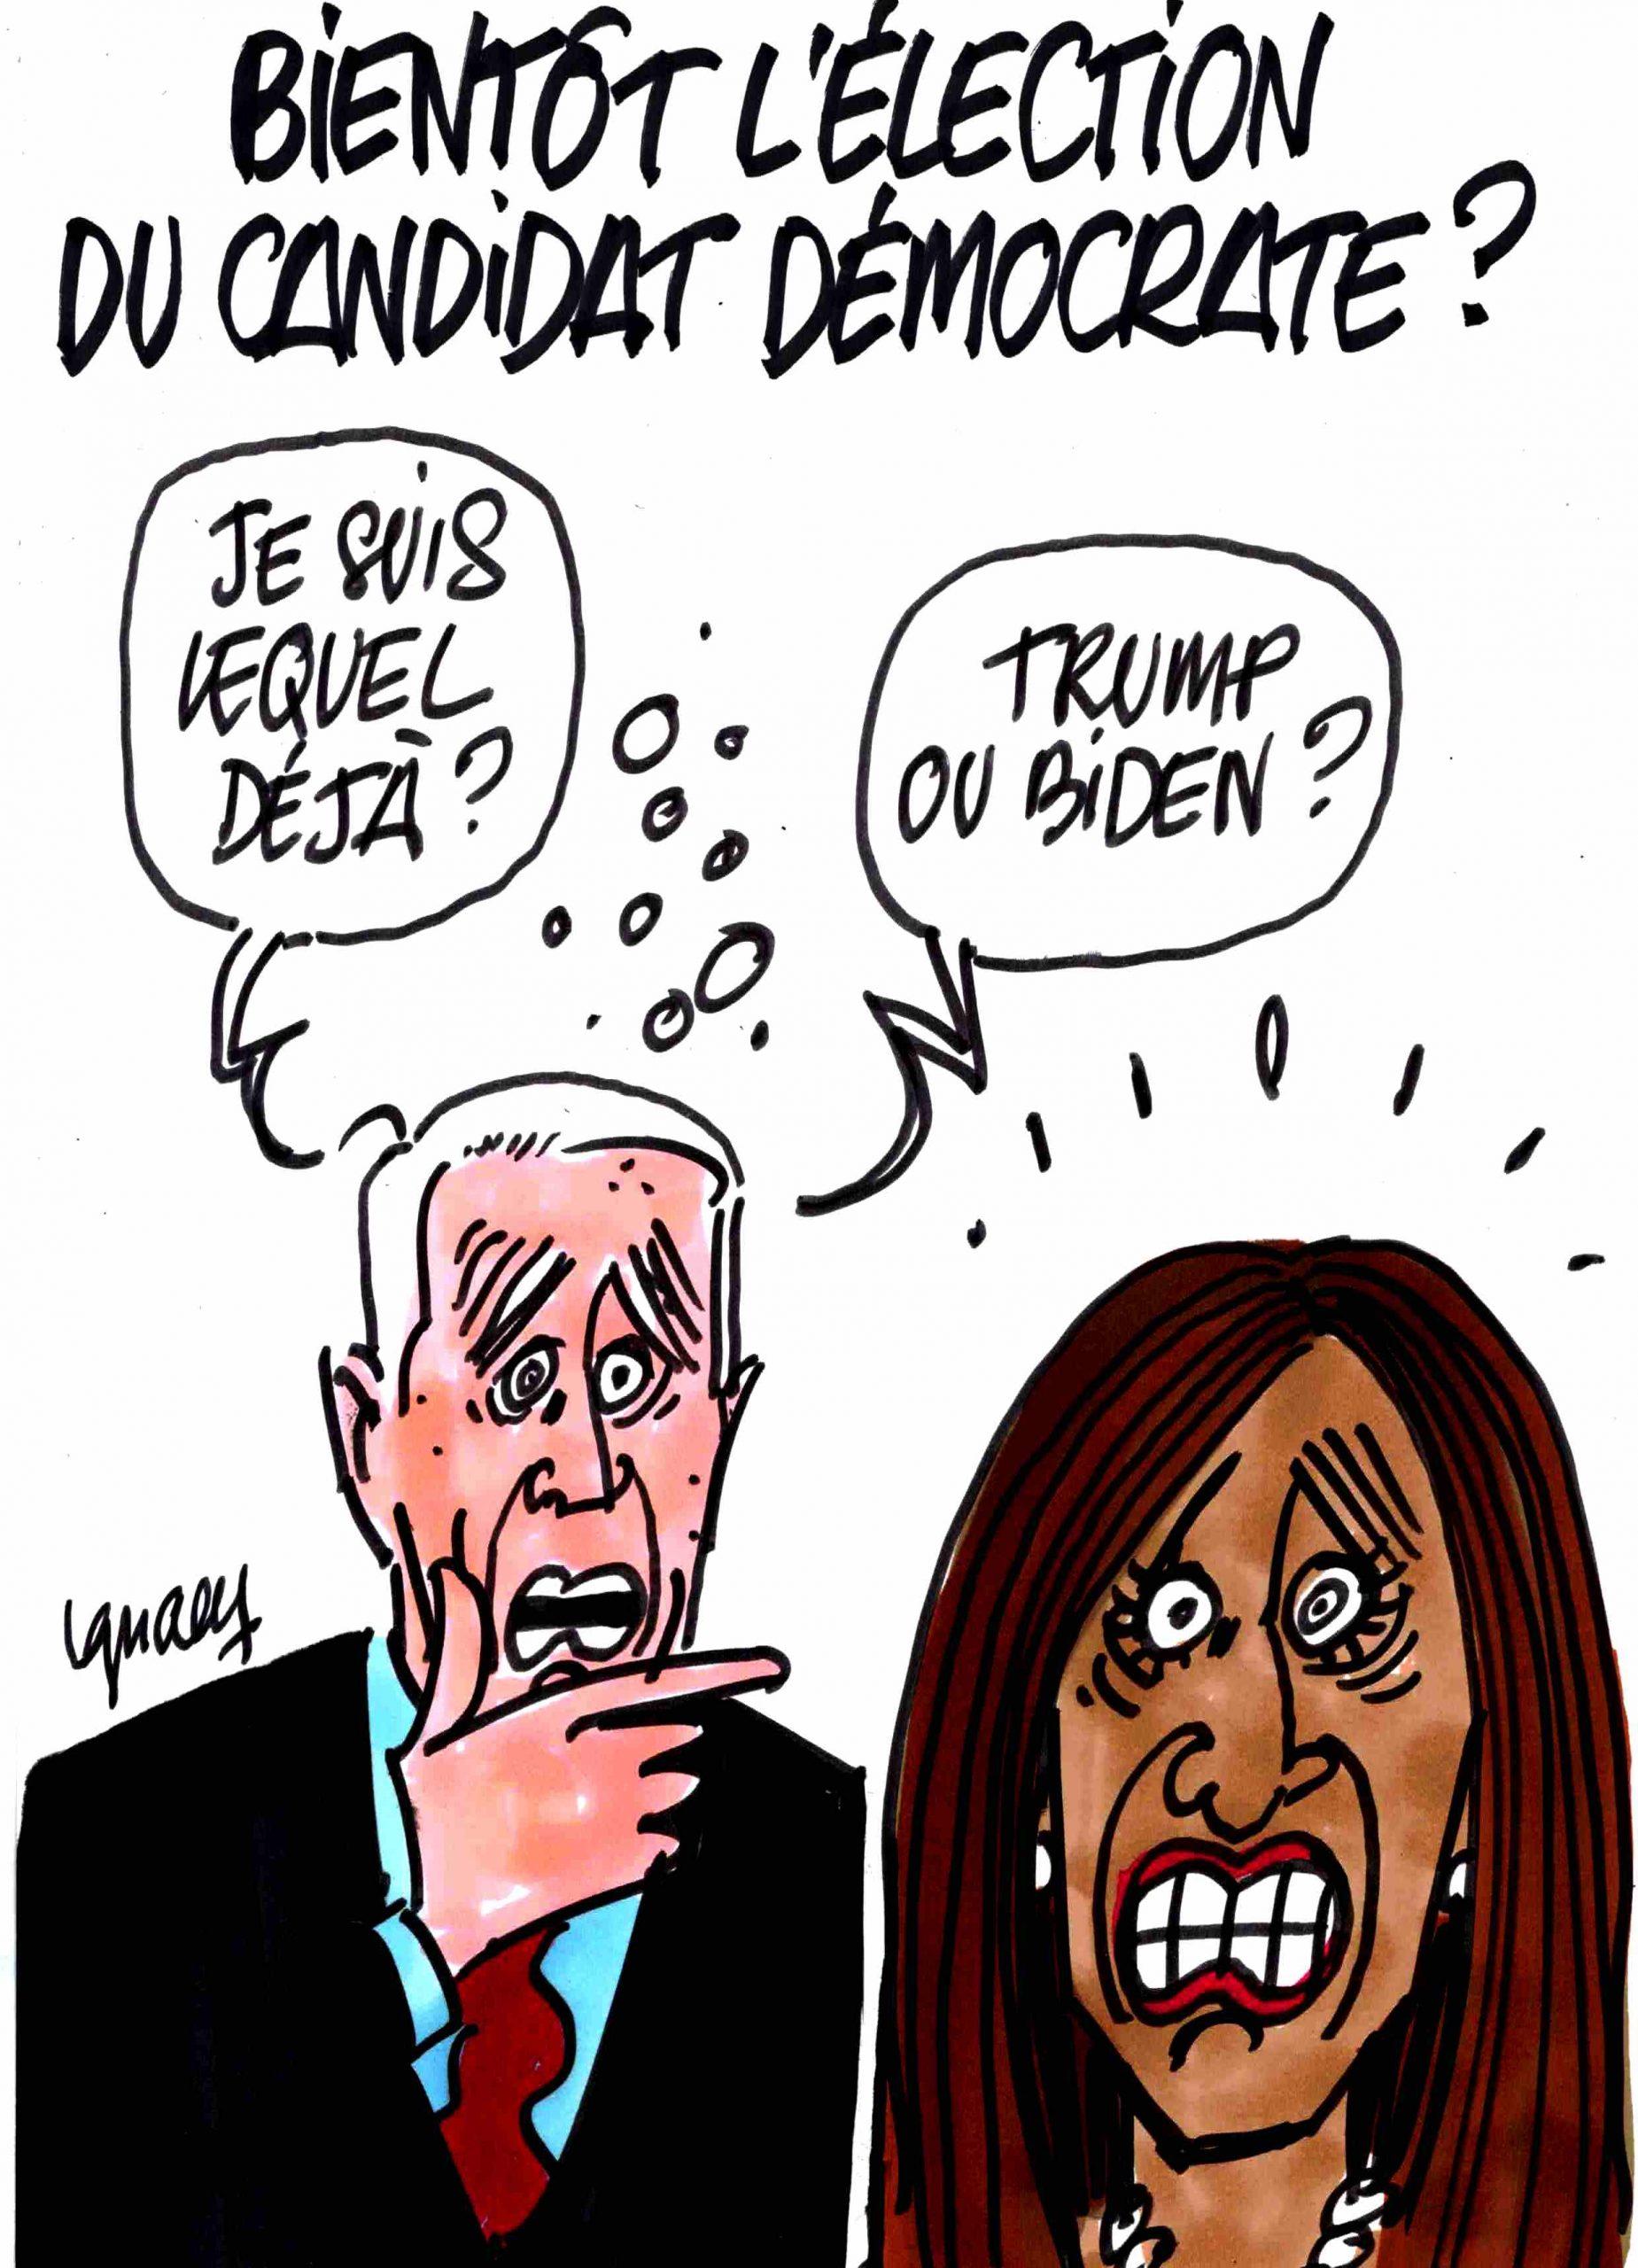 Ignace - Le candidat démocrate bientôt élu ?